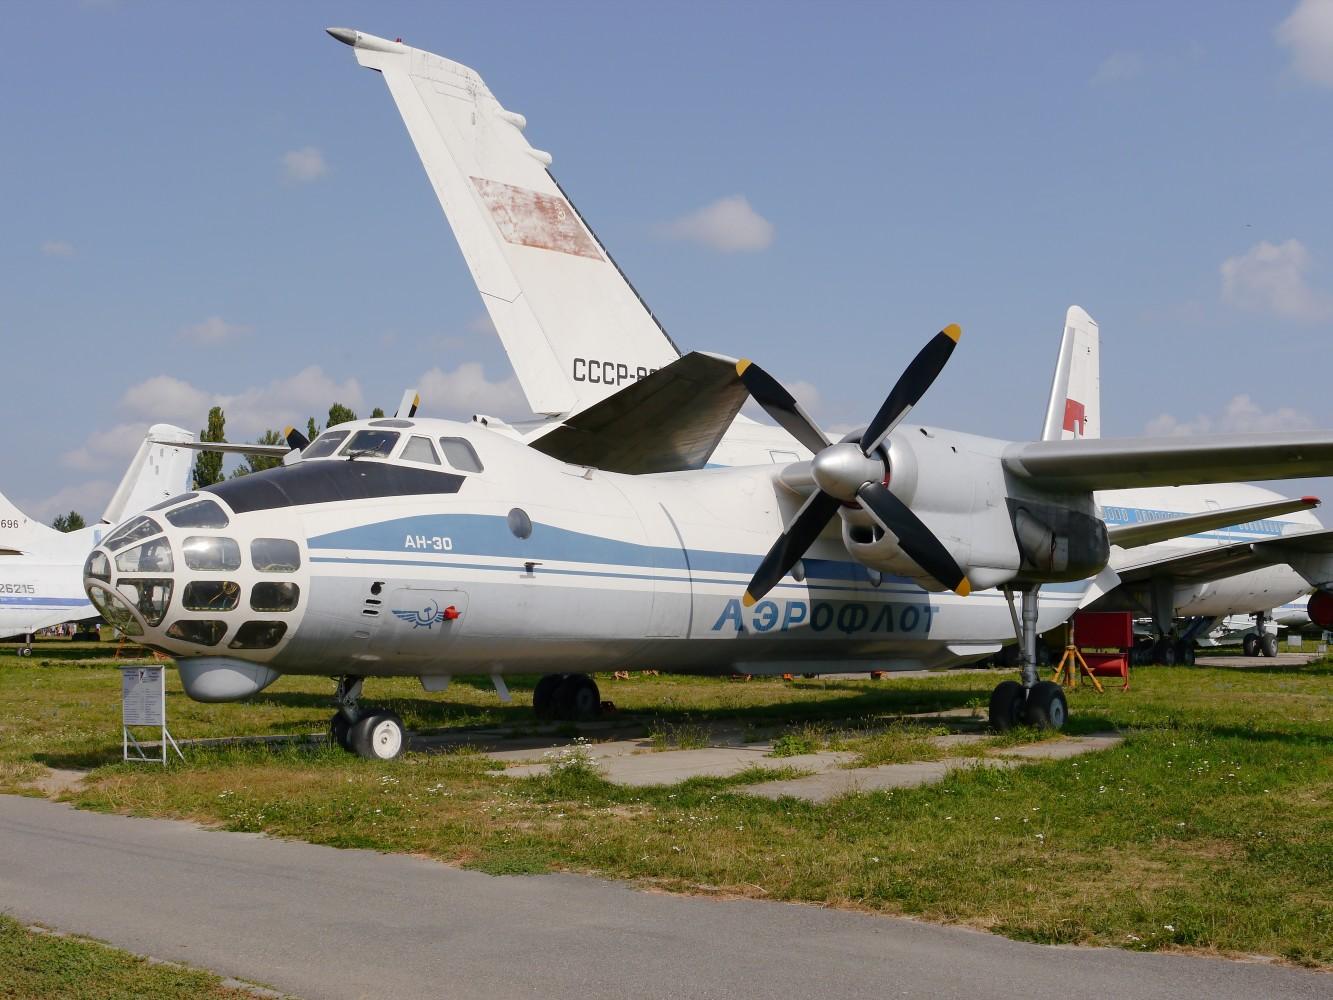 Kliknij obrazek, aby uzyskać większą wersję  Nazwa:An-30.jpg Wyświetleń:22 Rozmiar:282,9 KB ID:234548